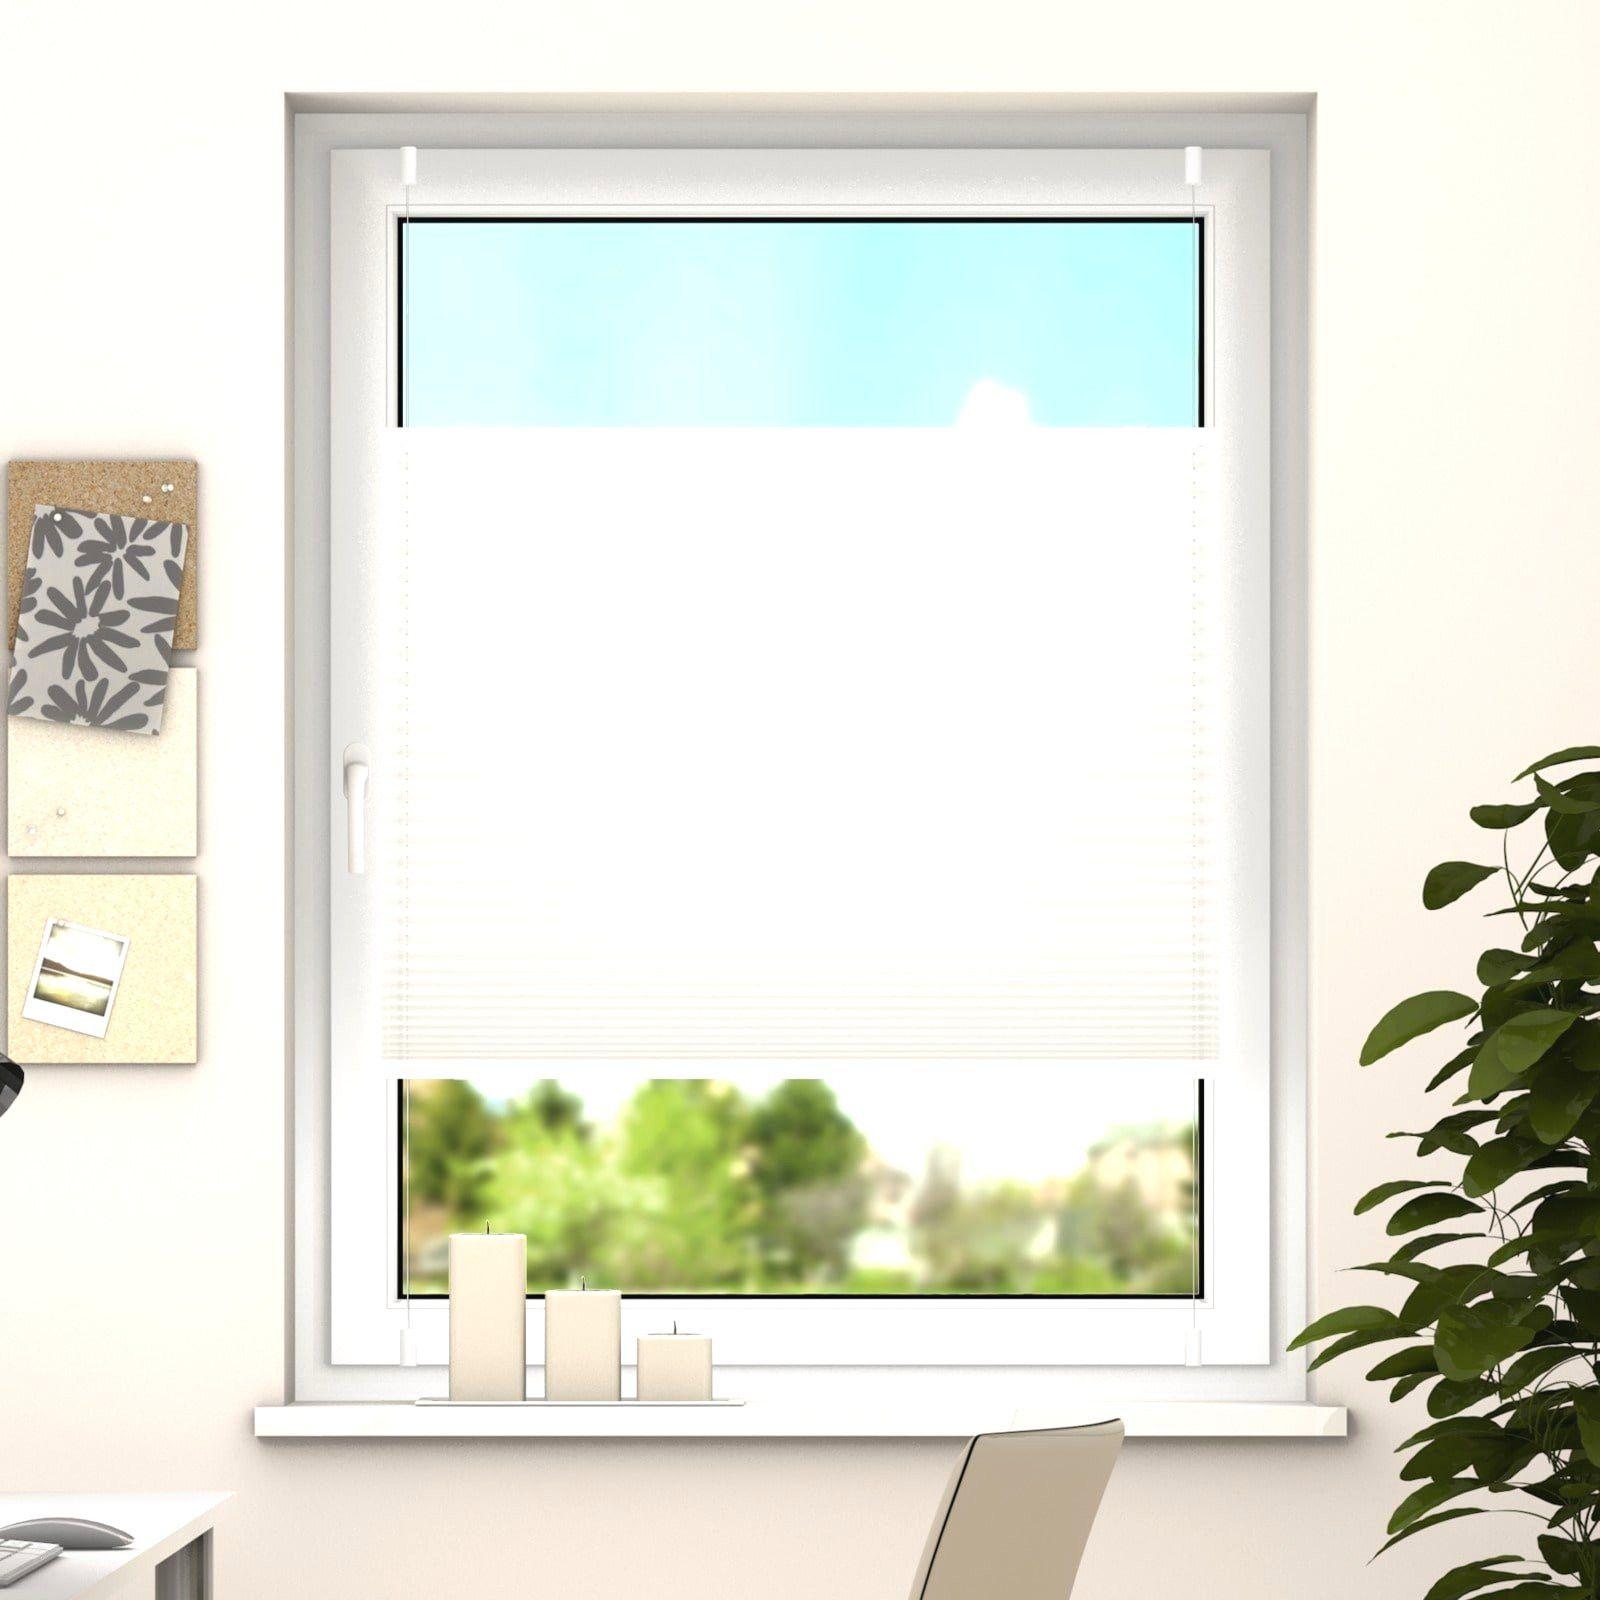 Einzigartig 45 Zum Fenster Sichtschutz Innen Mit Bildern